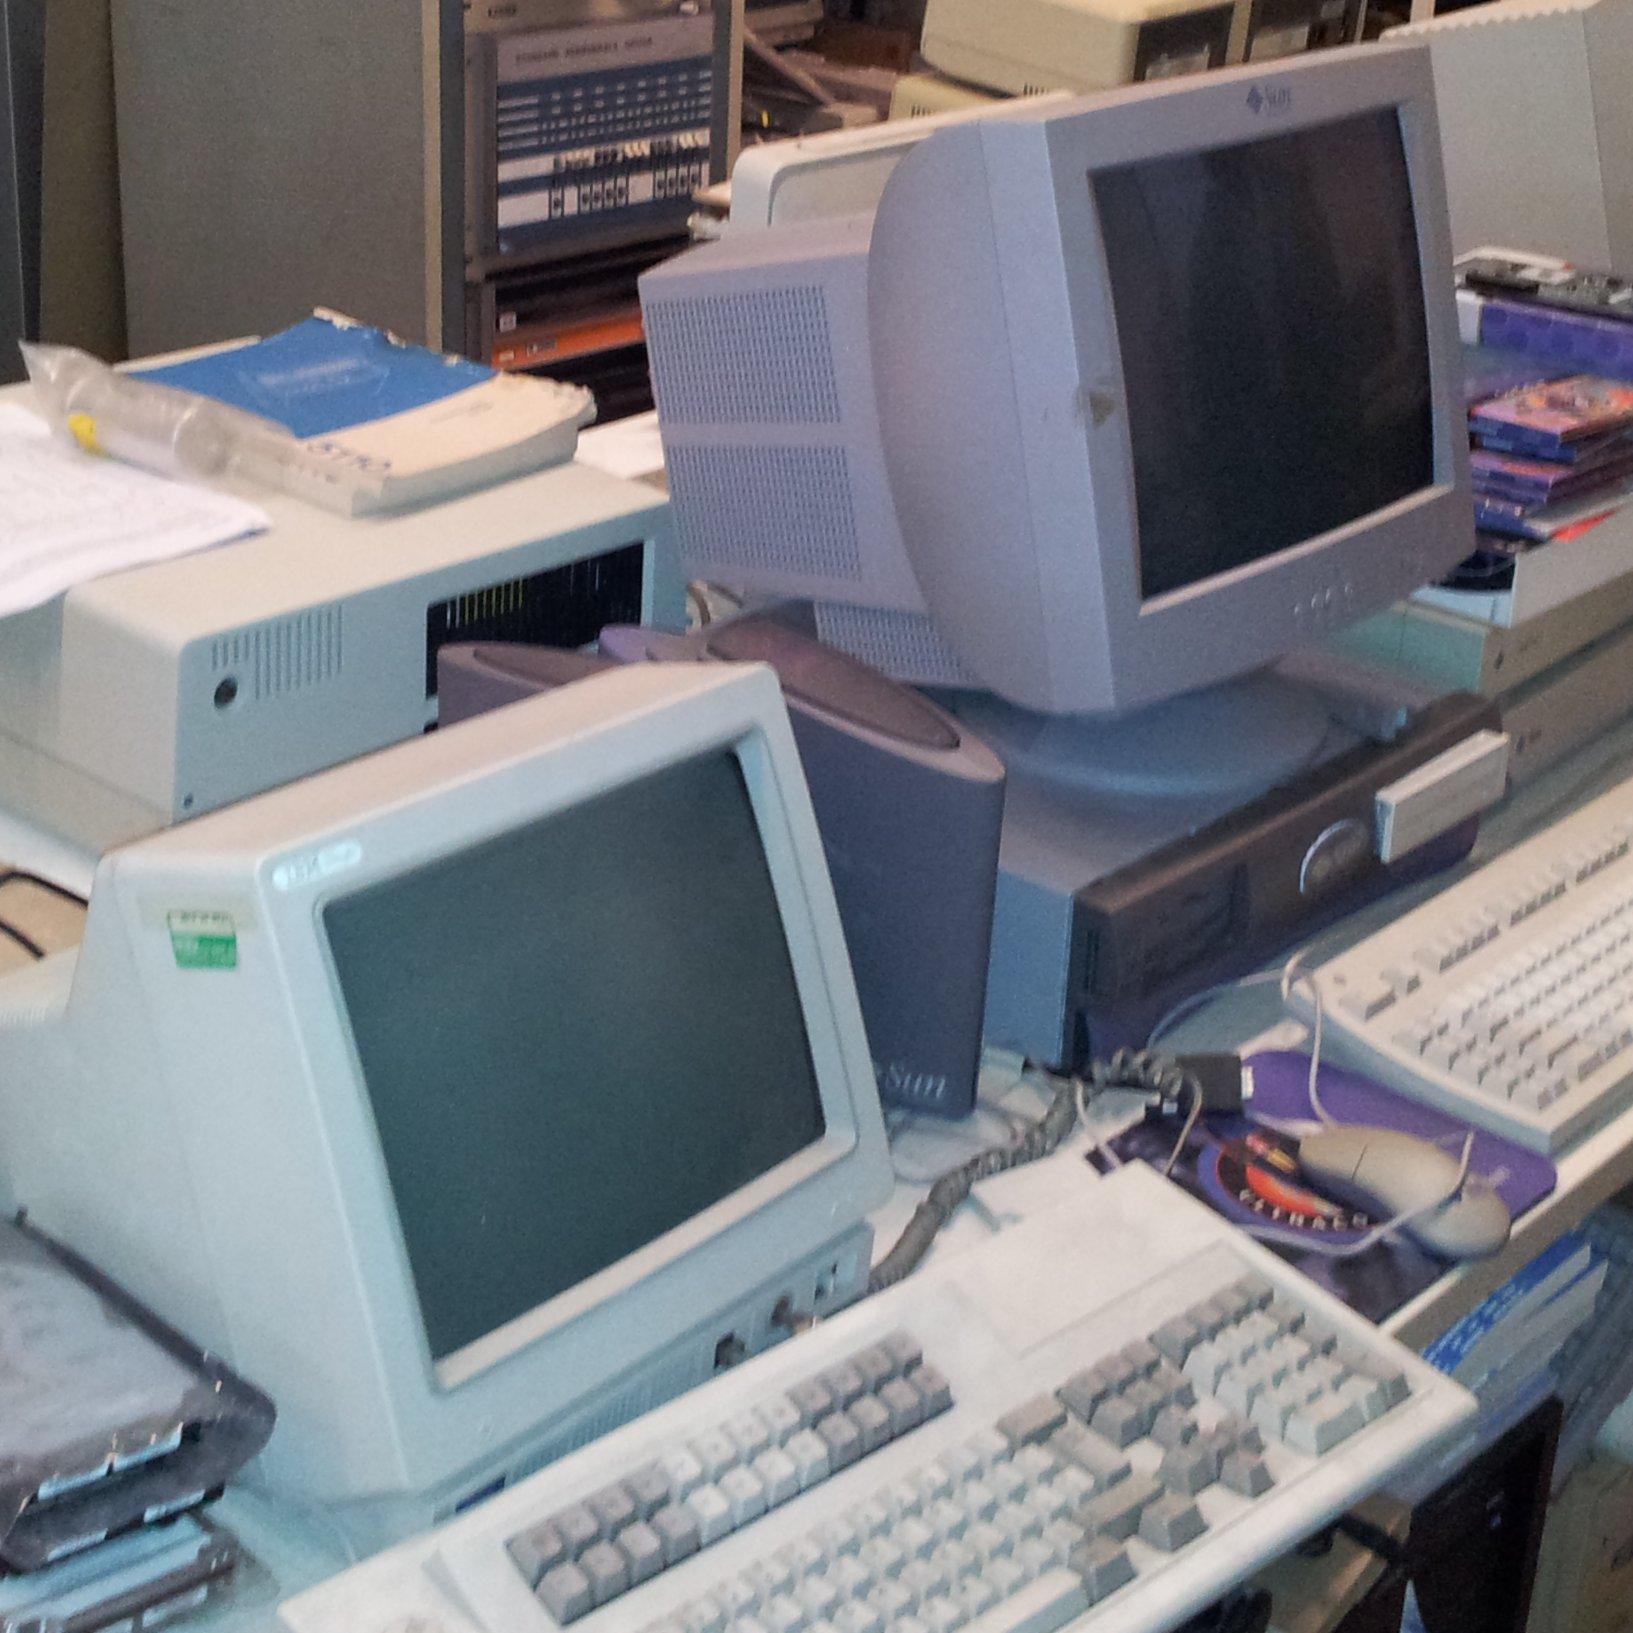 L'association récupère des ordinateurs